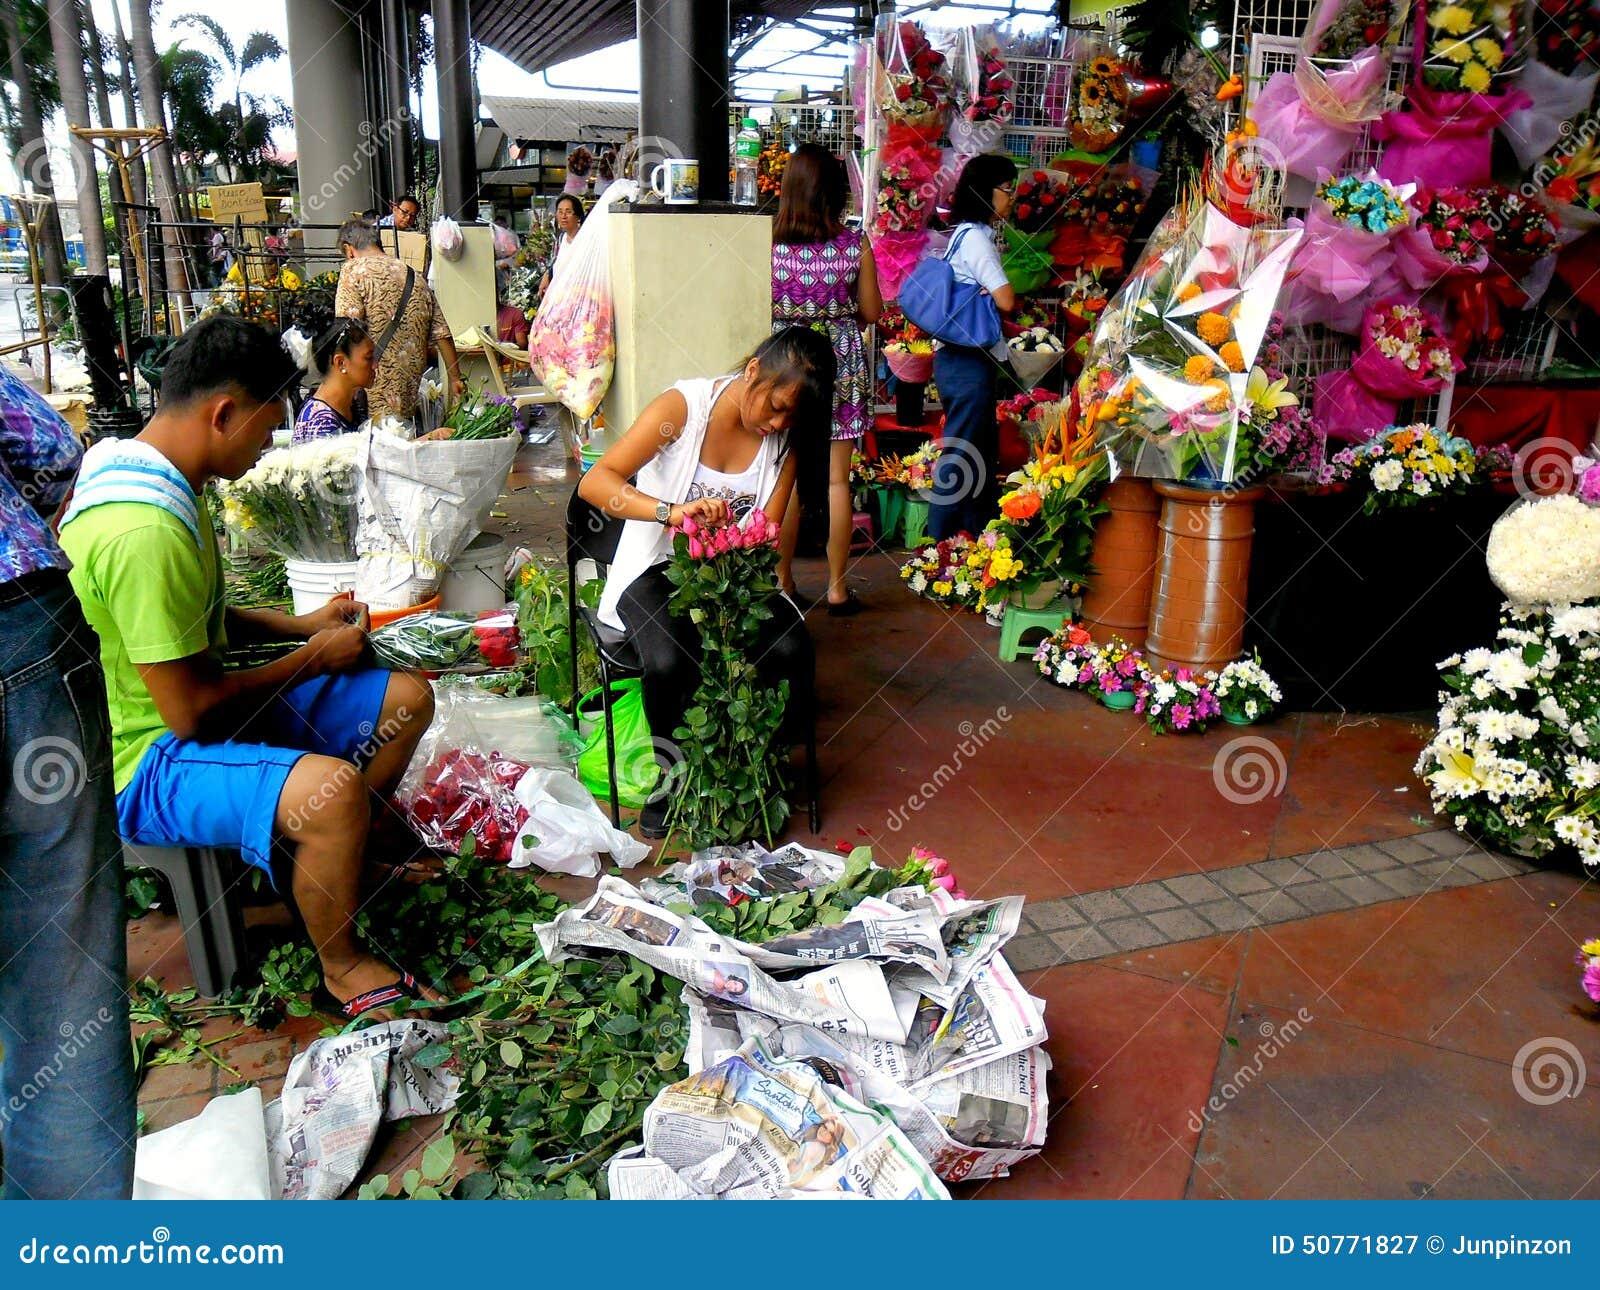 Starting A Flower Shop Business